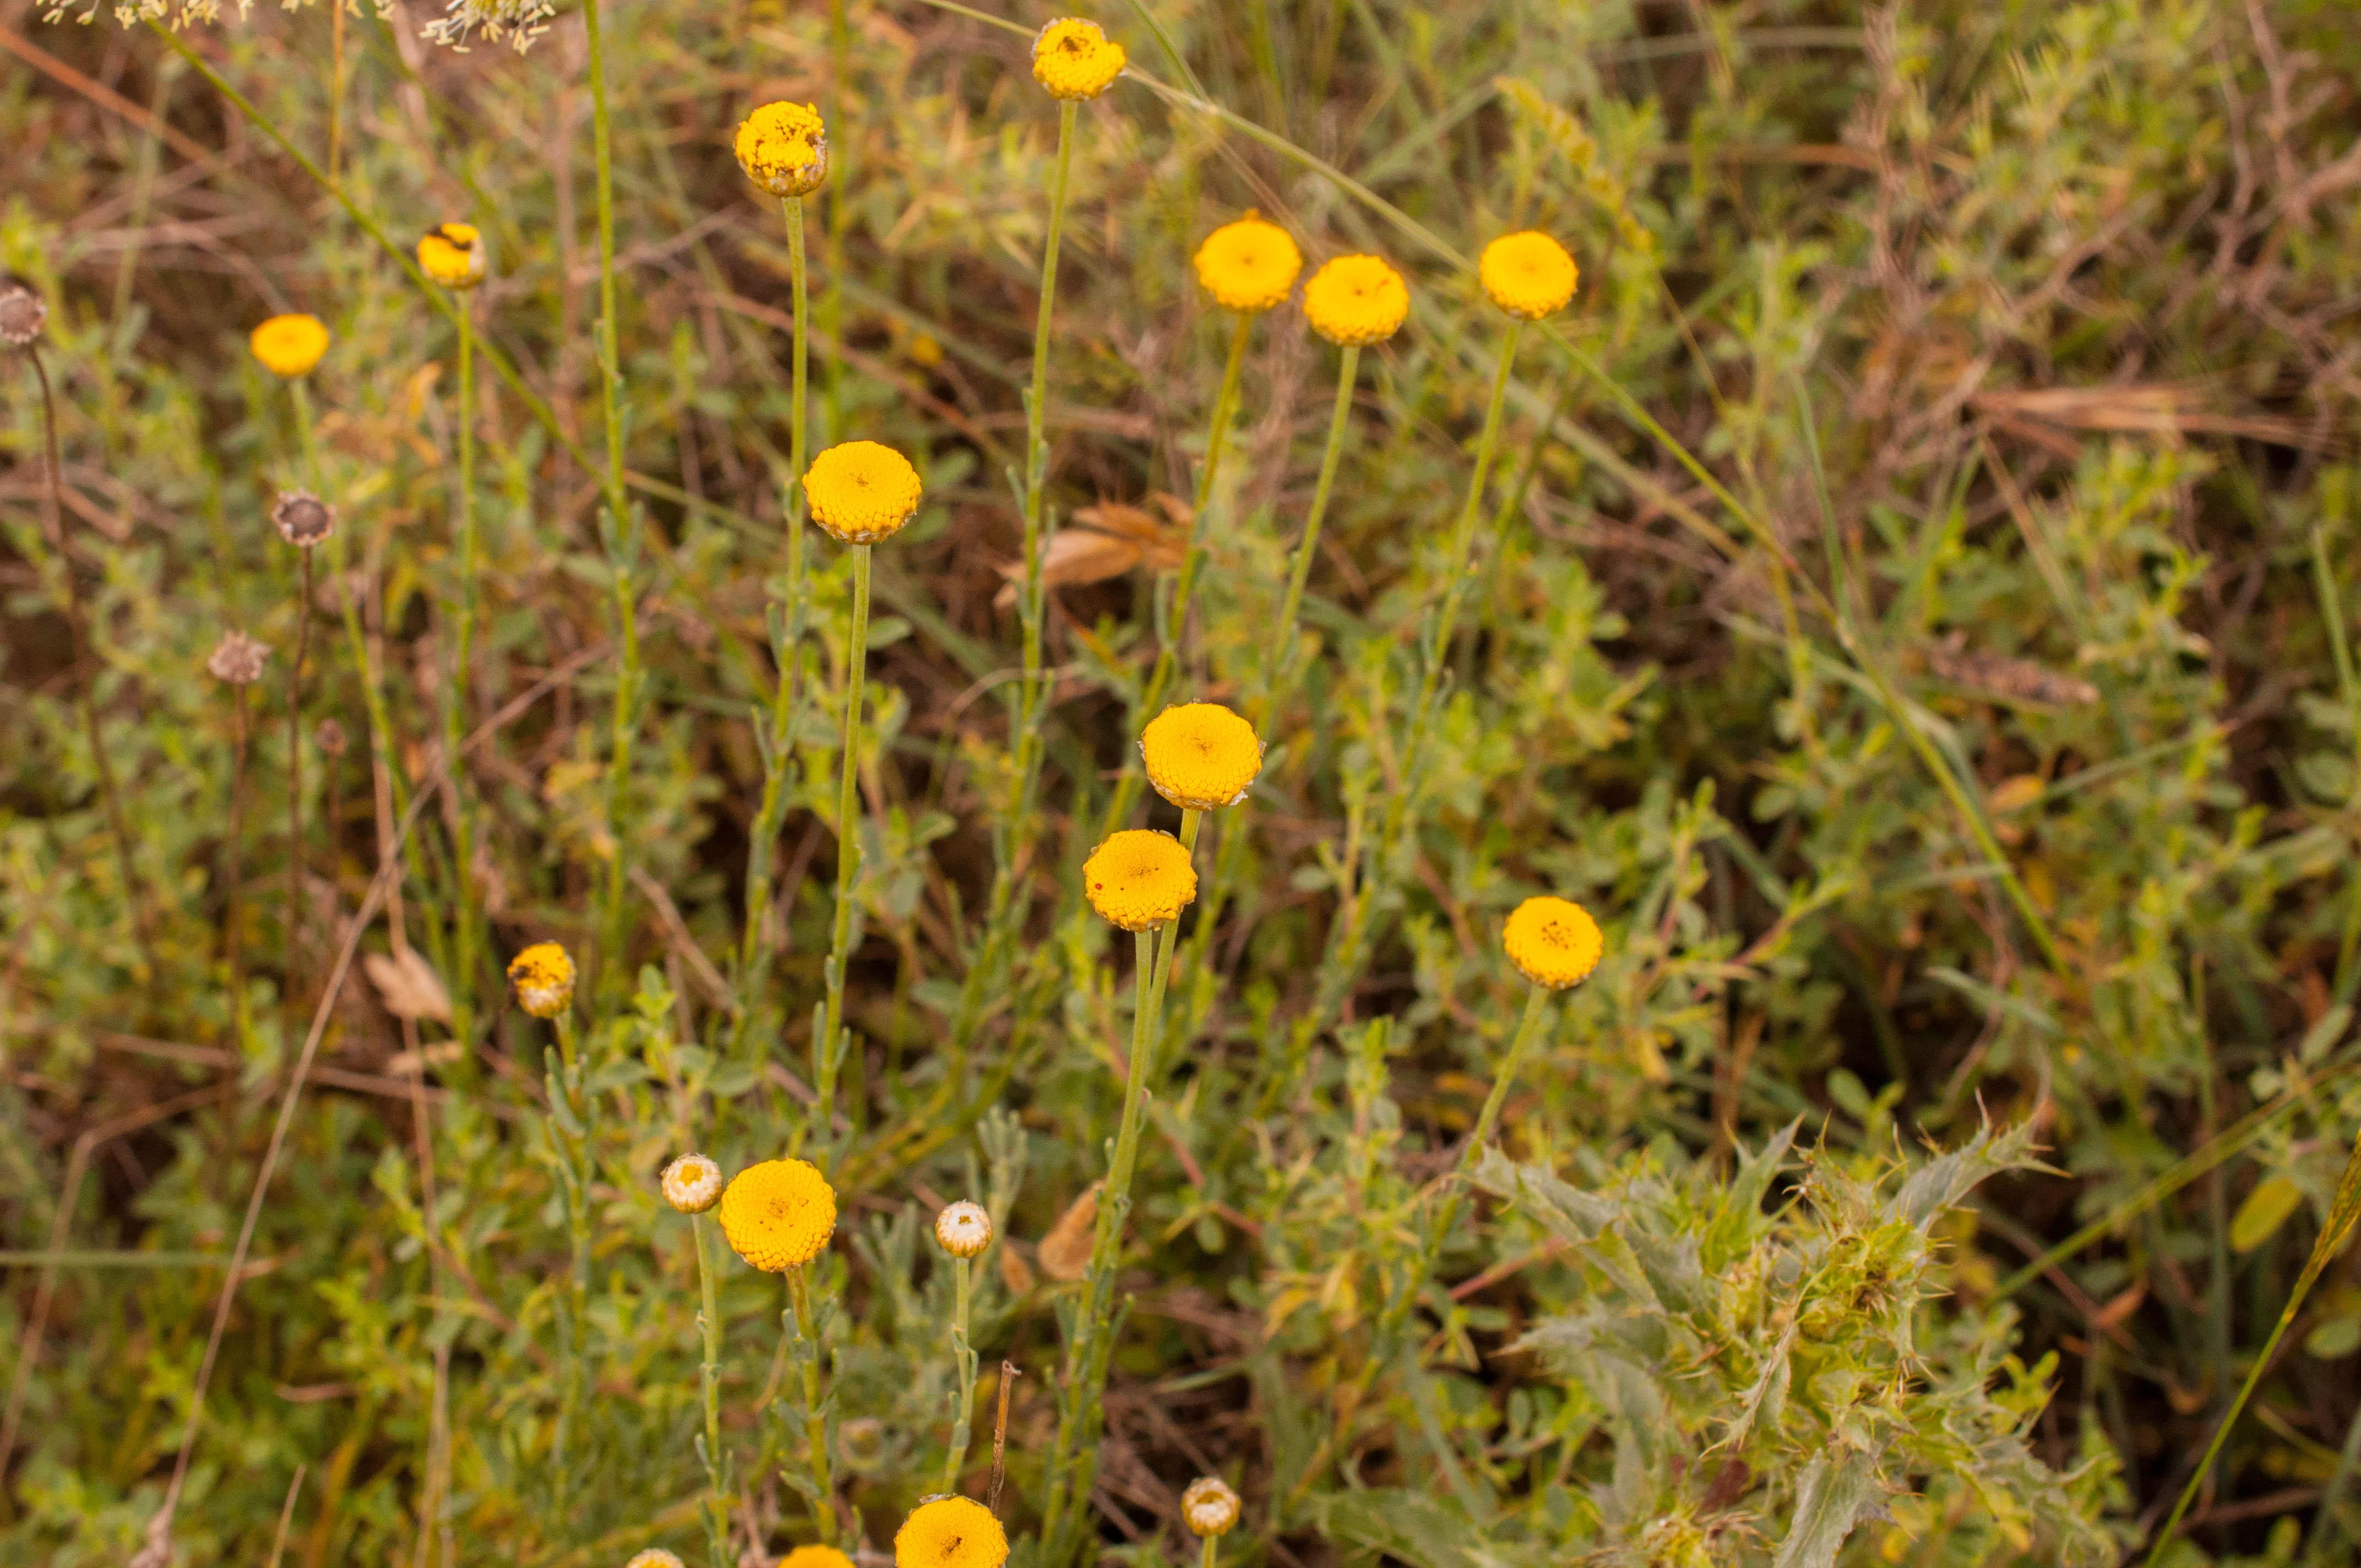 Santolina rosmarinifolia Las Obreras de Aliste CB Artesanos de la Miel Aliste Gallegos del Campo Artesanos de la Miel